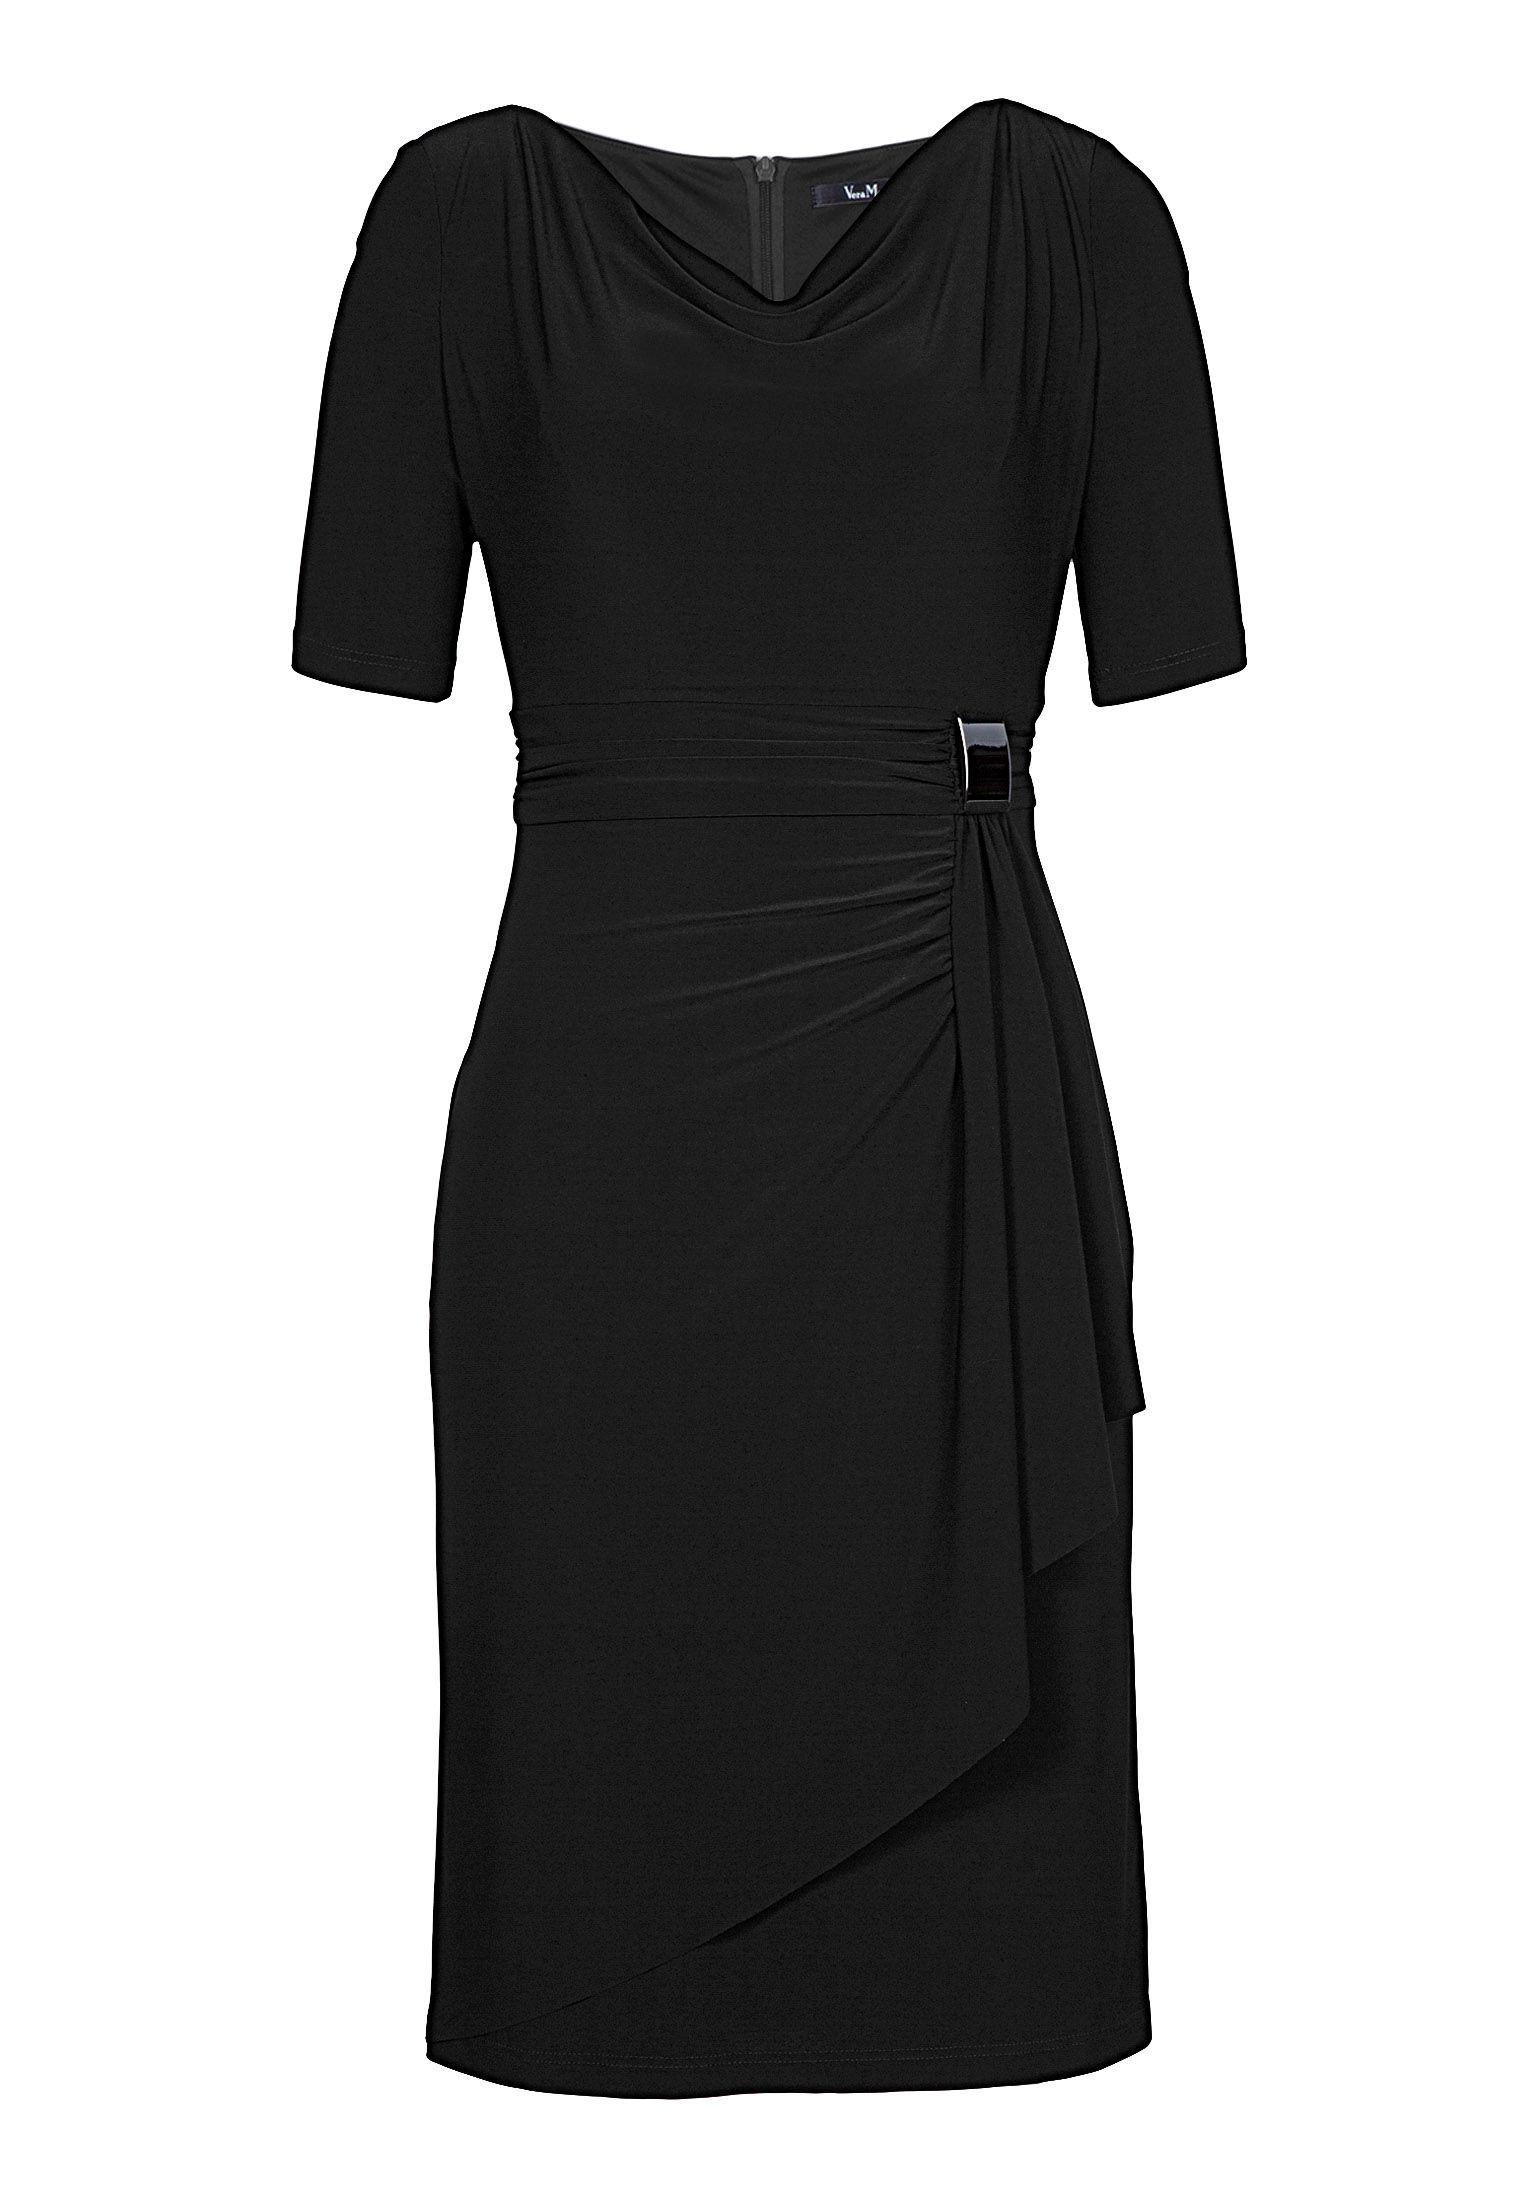 schwarzes schlichtes cocktailkleid von vera mont brautmutter kleider abendkleid und. Black Bedroom Furniture Sets. Home Design Ideas